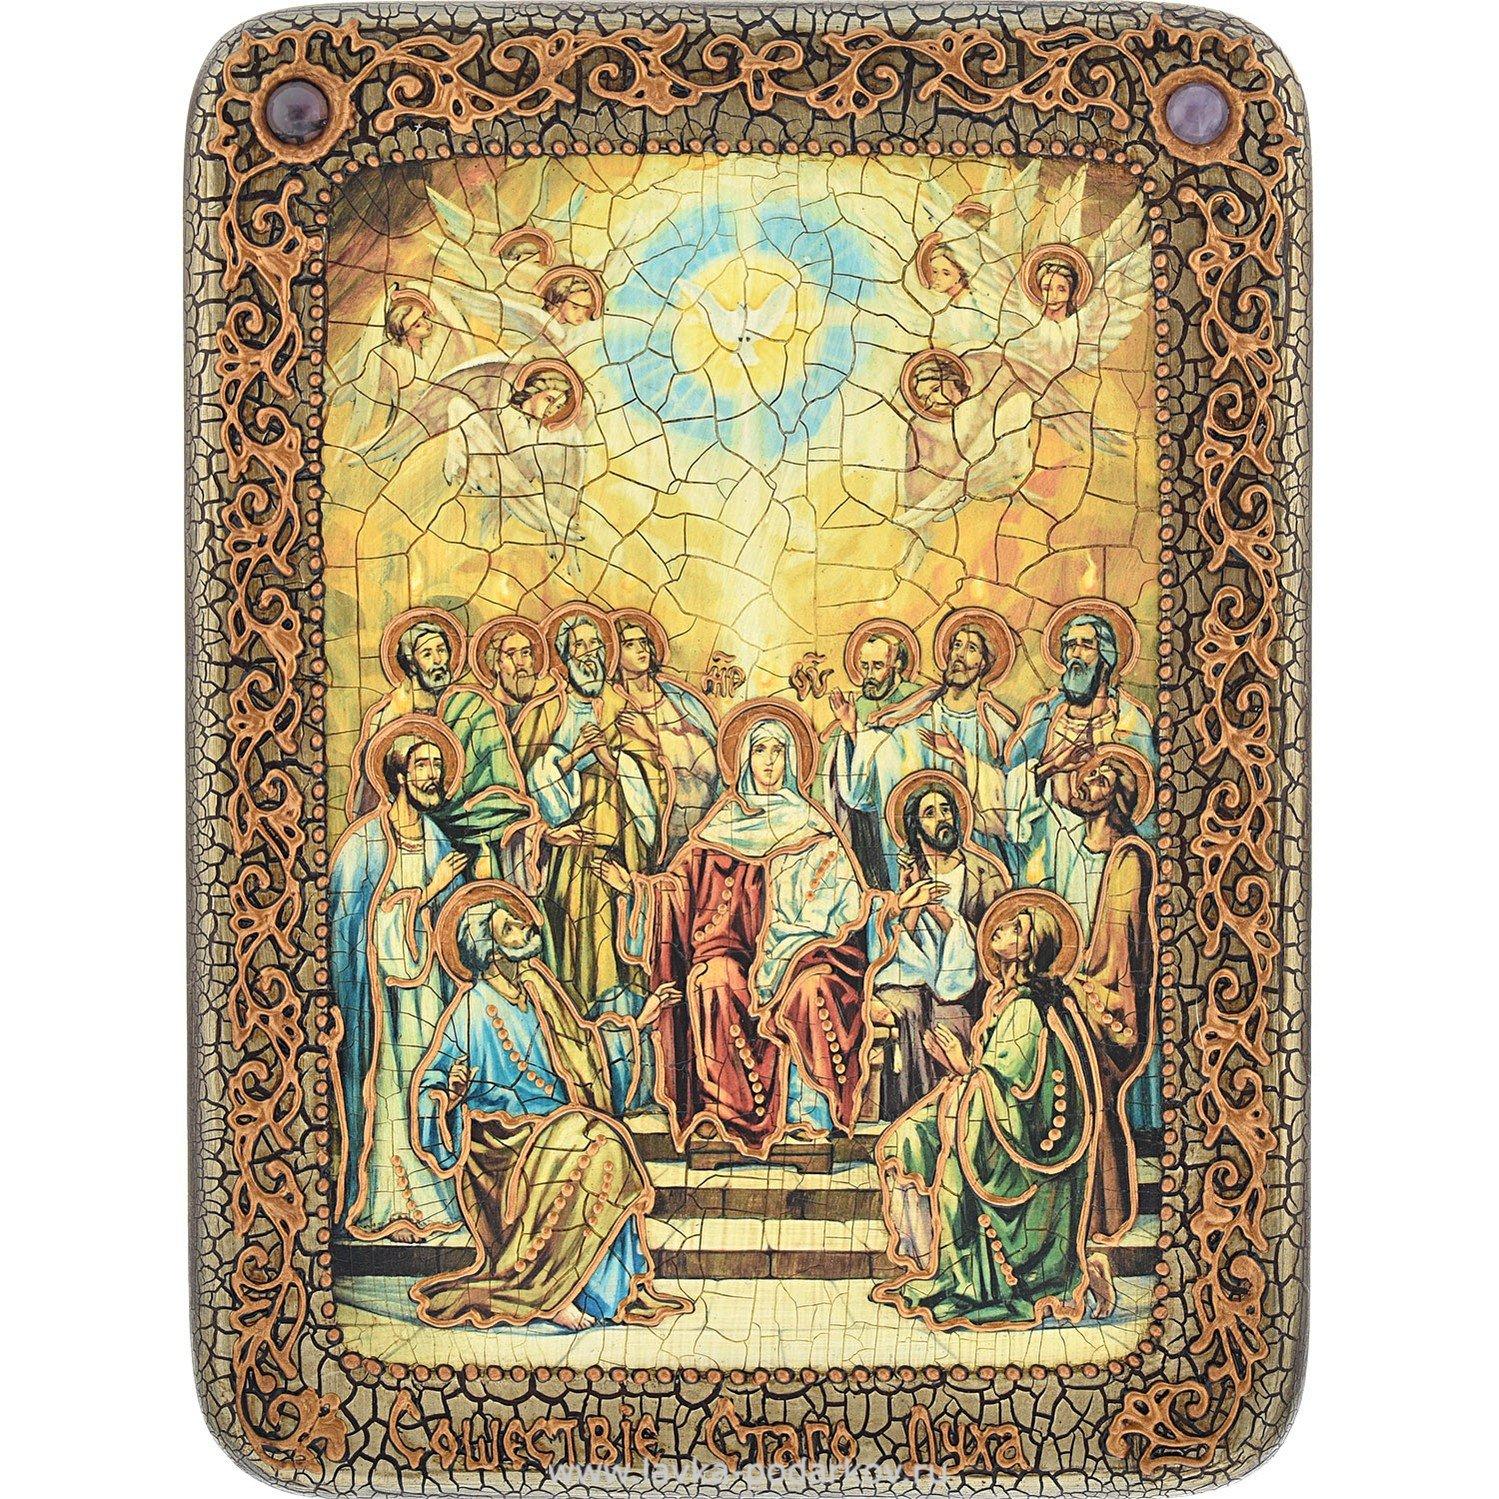 икона святой дух картинка же, как уточнил